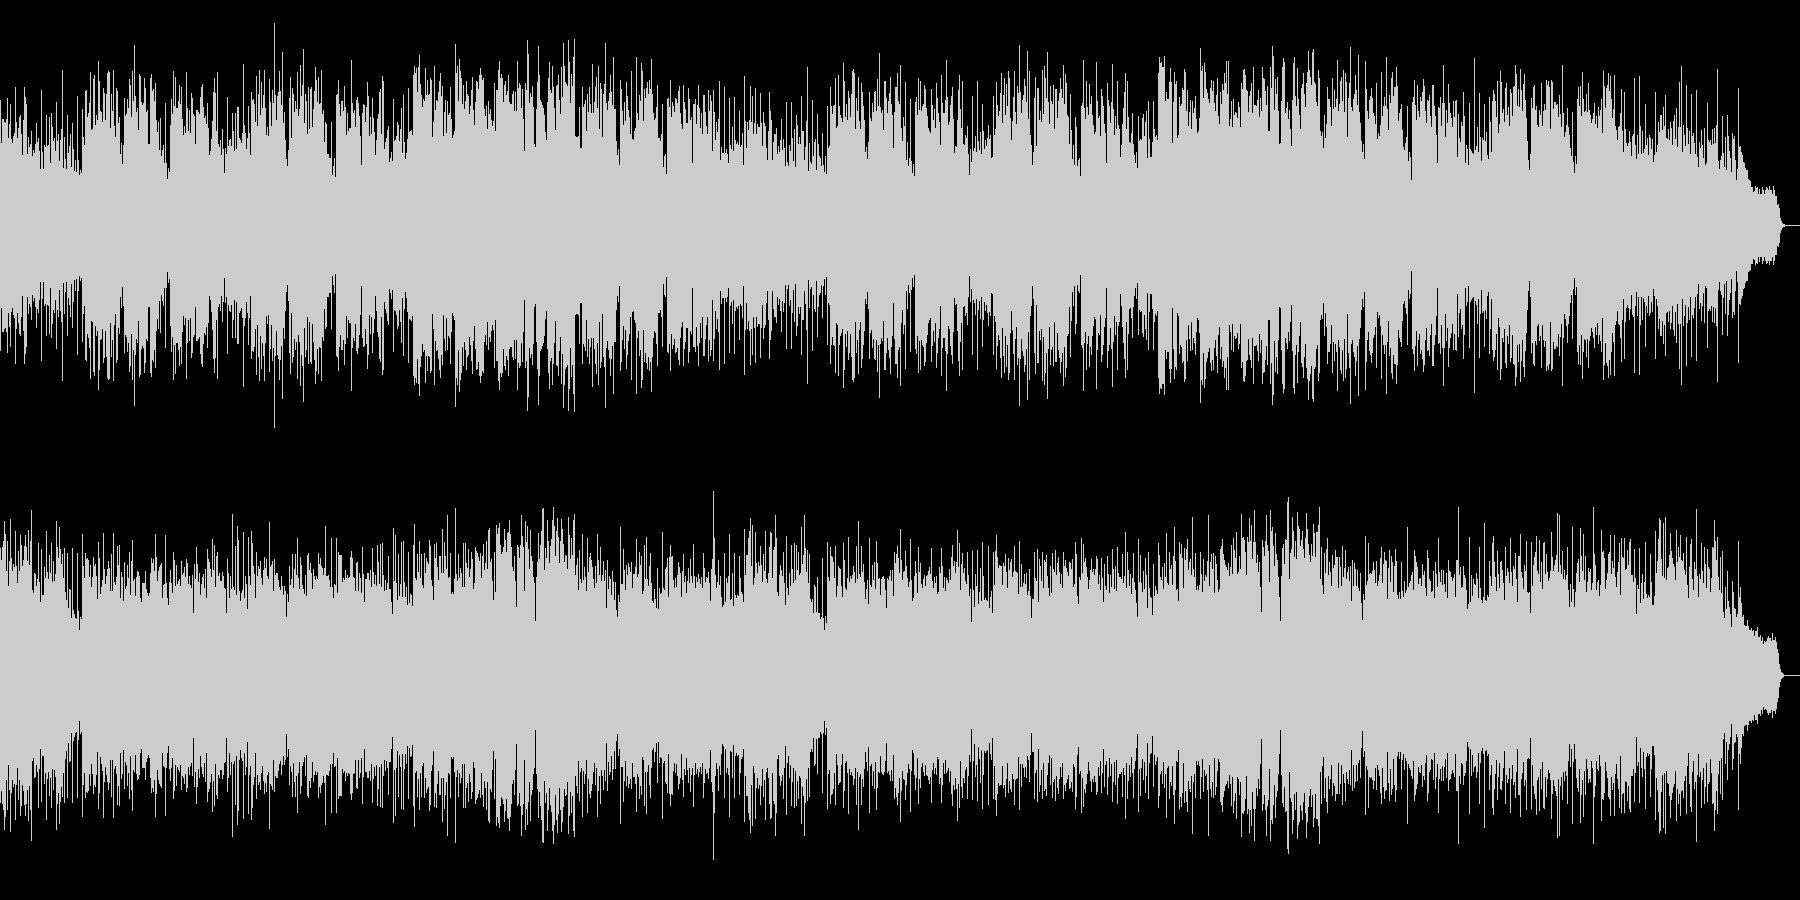 キラキラ感と重厚感もあるメロディアスな曲の未再生の波形